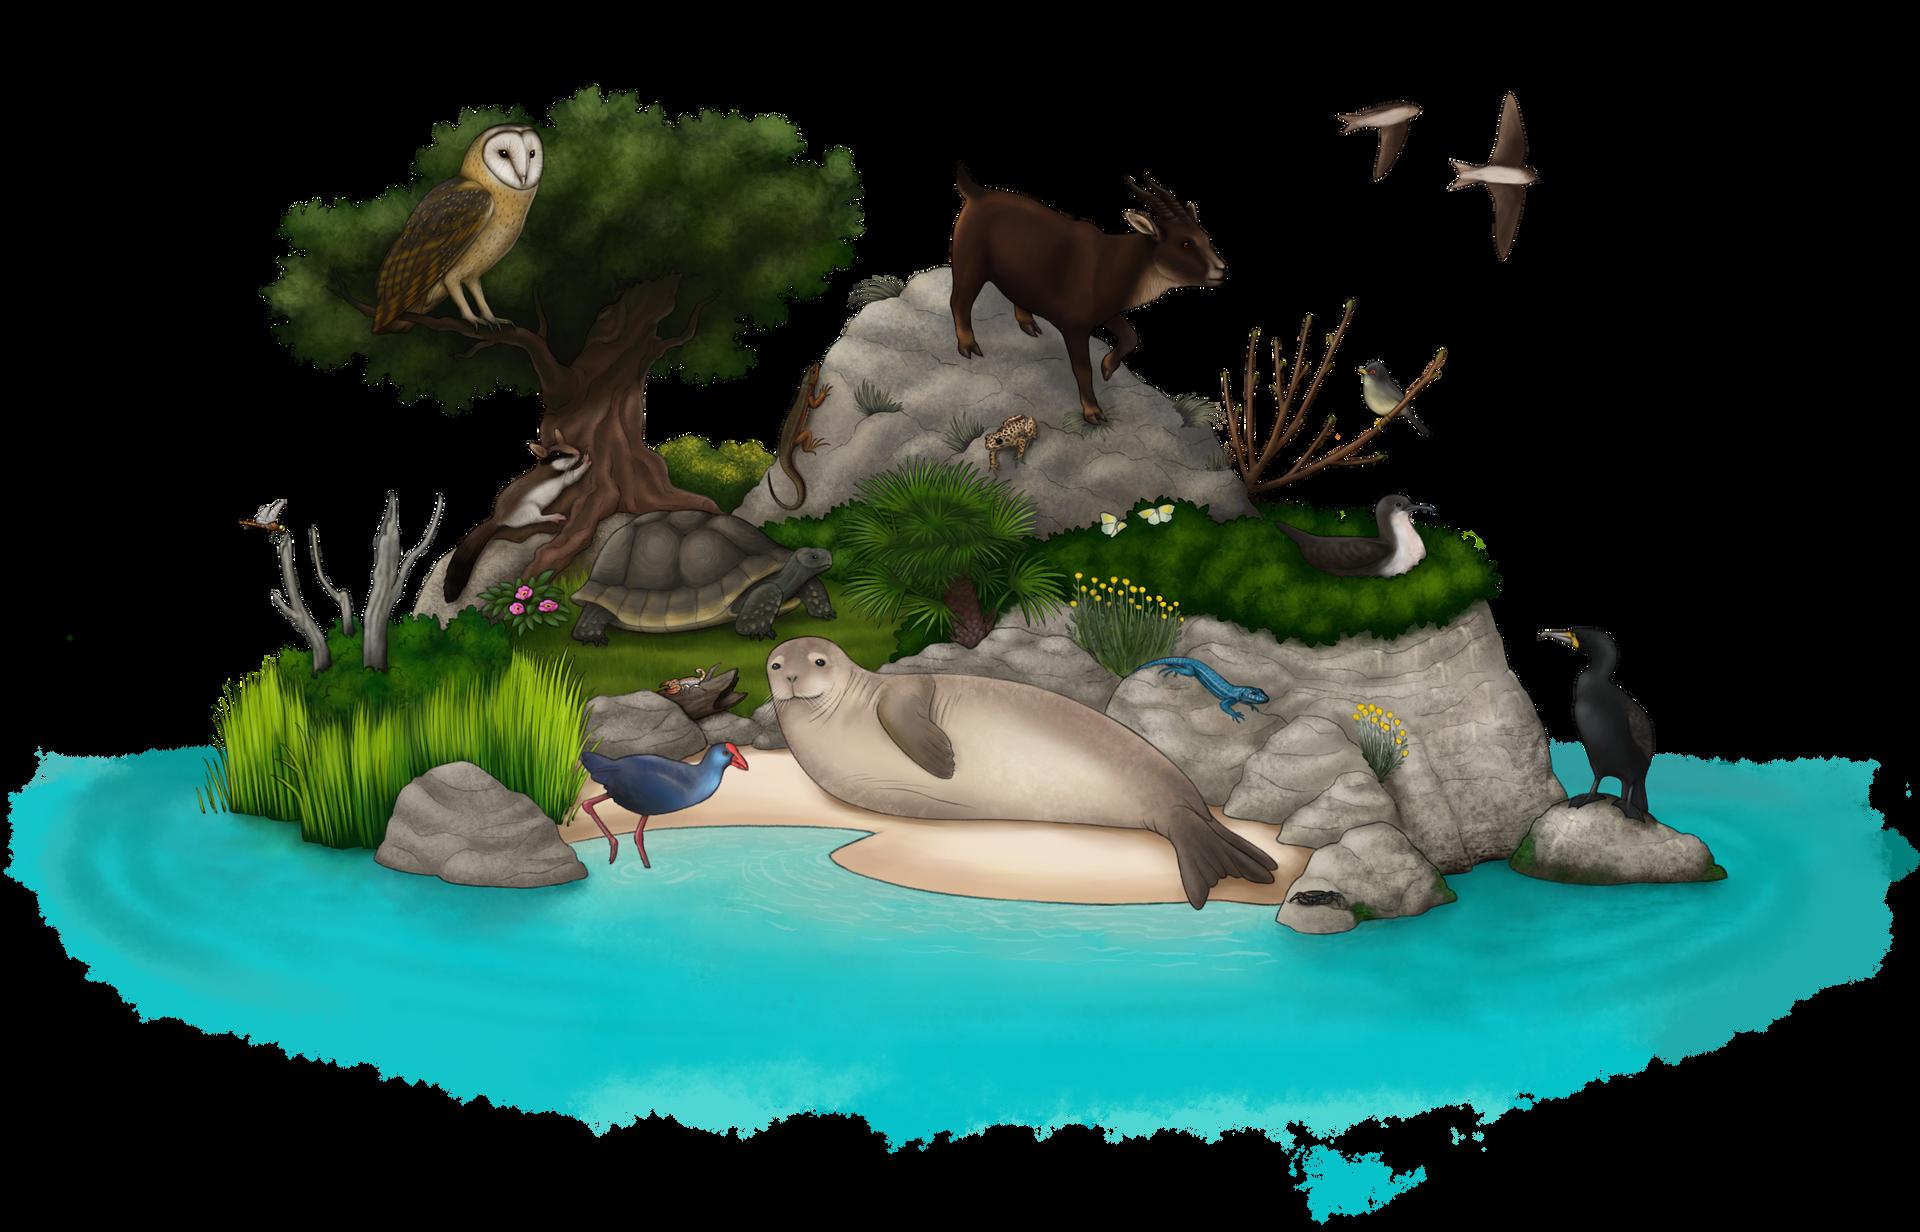 Thalassocène, un monde d'îles Biorama_of_baleares_by_sanciusart_deh0c6g-fullview.png?token=eyJ0eXAiOiJKV1QiLCJhbGciOiJIUzI1NiJ9.eyJzdWIiOiJ1cm46YXBwOiIsImlzcyI6InVybjphcHA6Iiwib2JqIjpbW3siaGVpZ2h0IjoiPD0xMjMyIiwicGF0aCI6IlwvZlwvZDg1ZTA5Y2ItNTM3Zi00ZTcxLTkwZmItNDFjMDZmNzc0MmU3XC9kZWgwYzZnLWQxMzlkOWI1LWJmZTItNGFjMy04NWU1LTIyZWNiNjM3Y2Q1Ni5wbmciLCJ3aWR0aCI6Ijw9MTkyMCJ9XV0sImF1ZCI6WyJ1cm46c2VydmljZTppbWFnZS5vcGVyYXRpb25zIl19